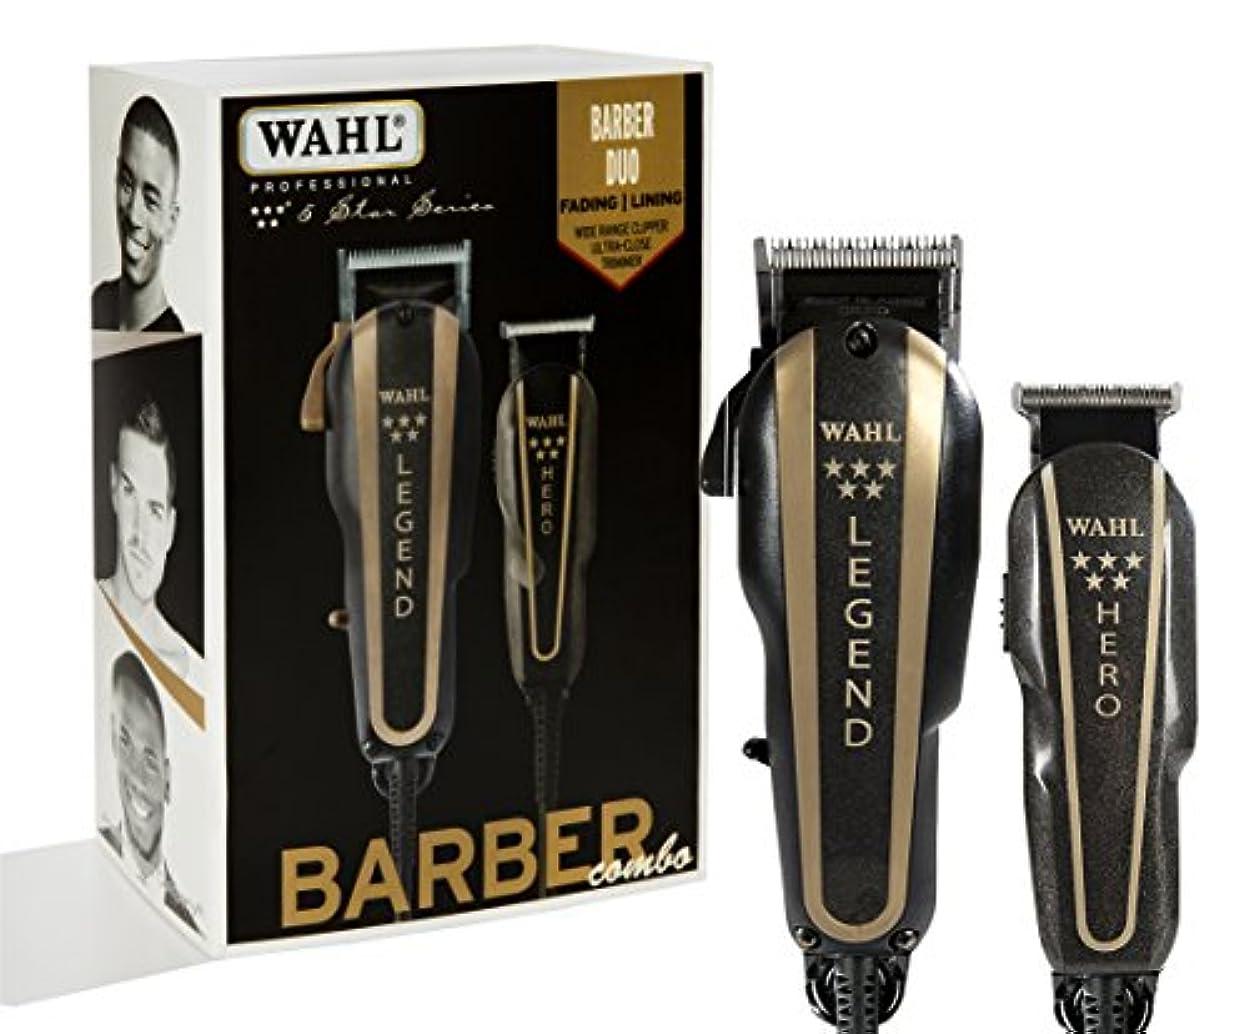 兄検索晴れWAHL Professional 5 Star Series Barber Combo No. 8180